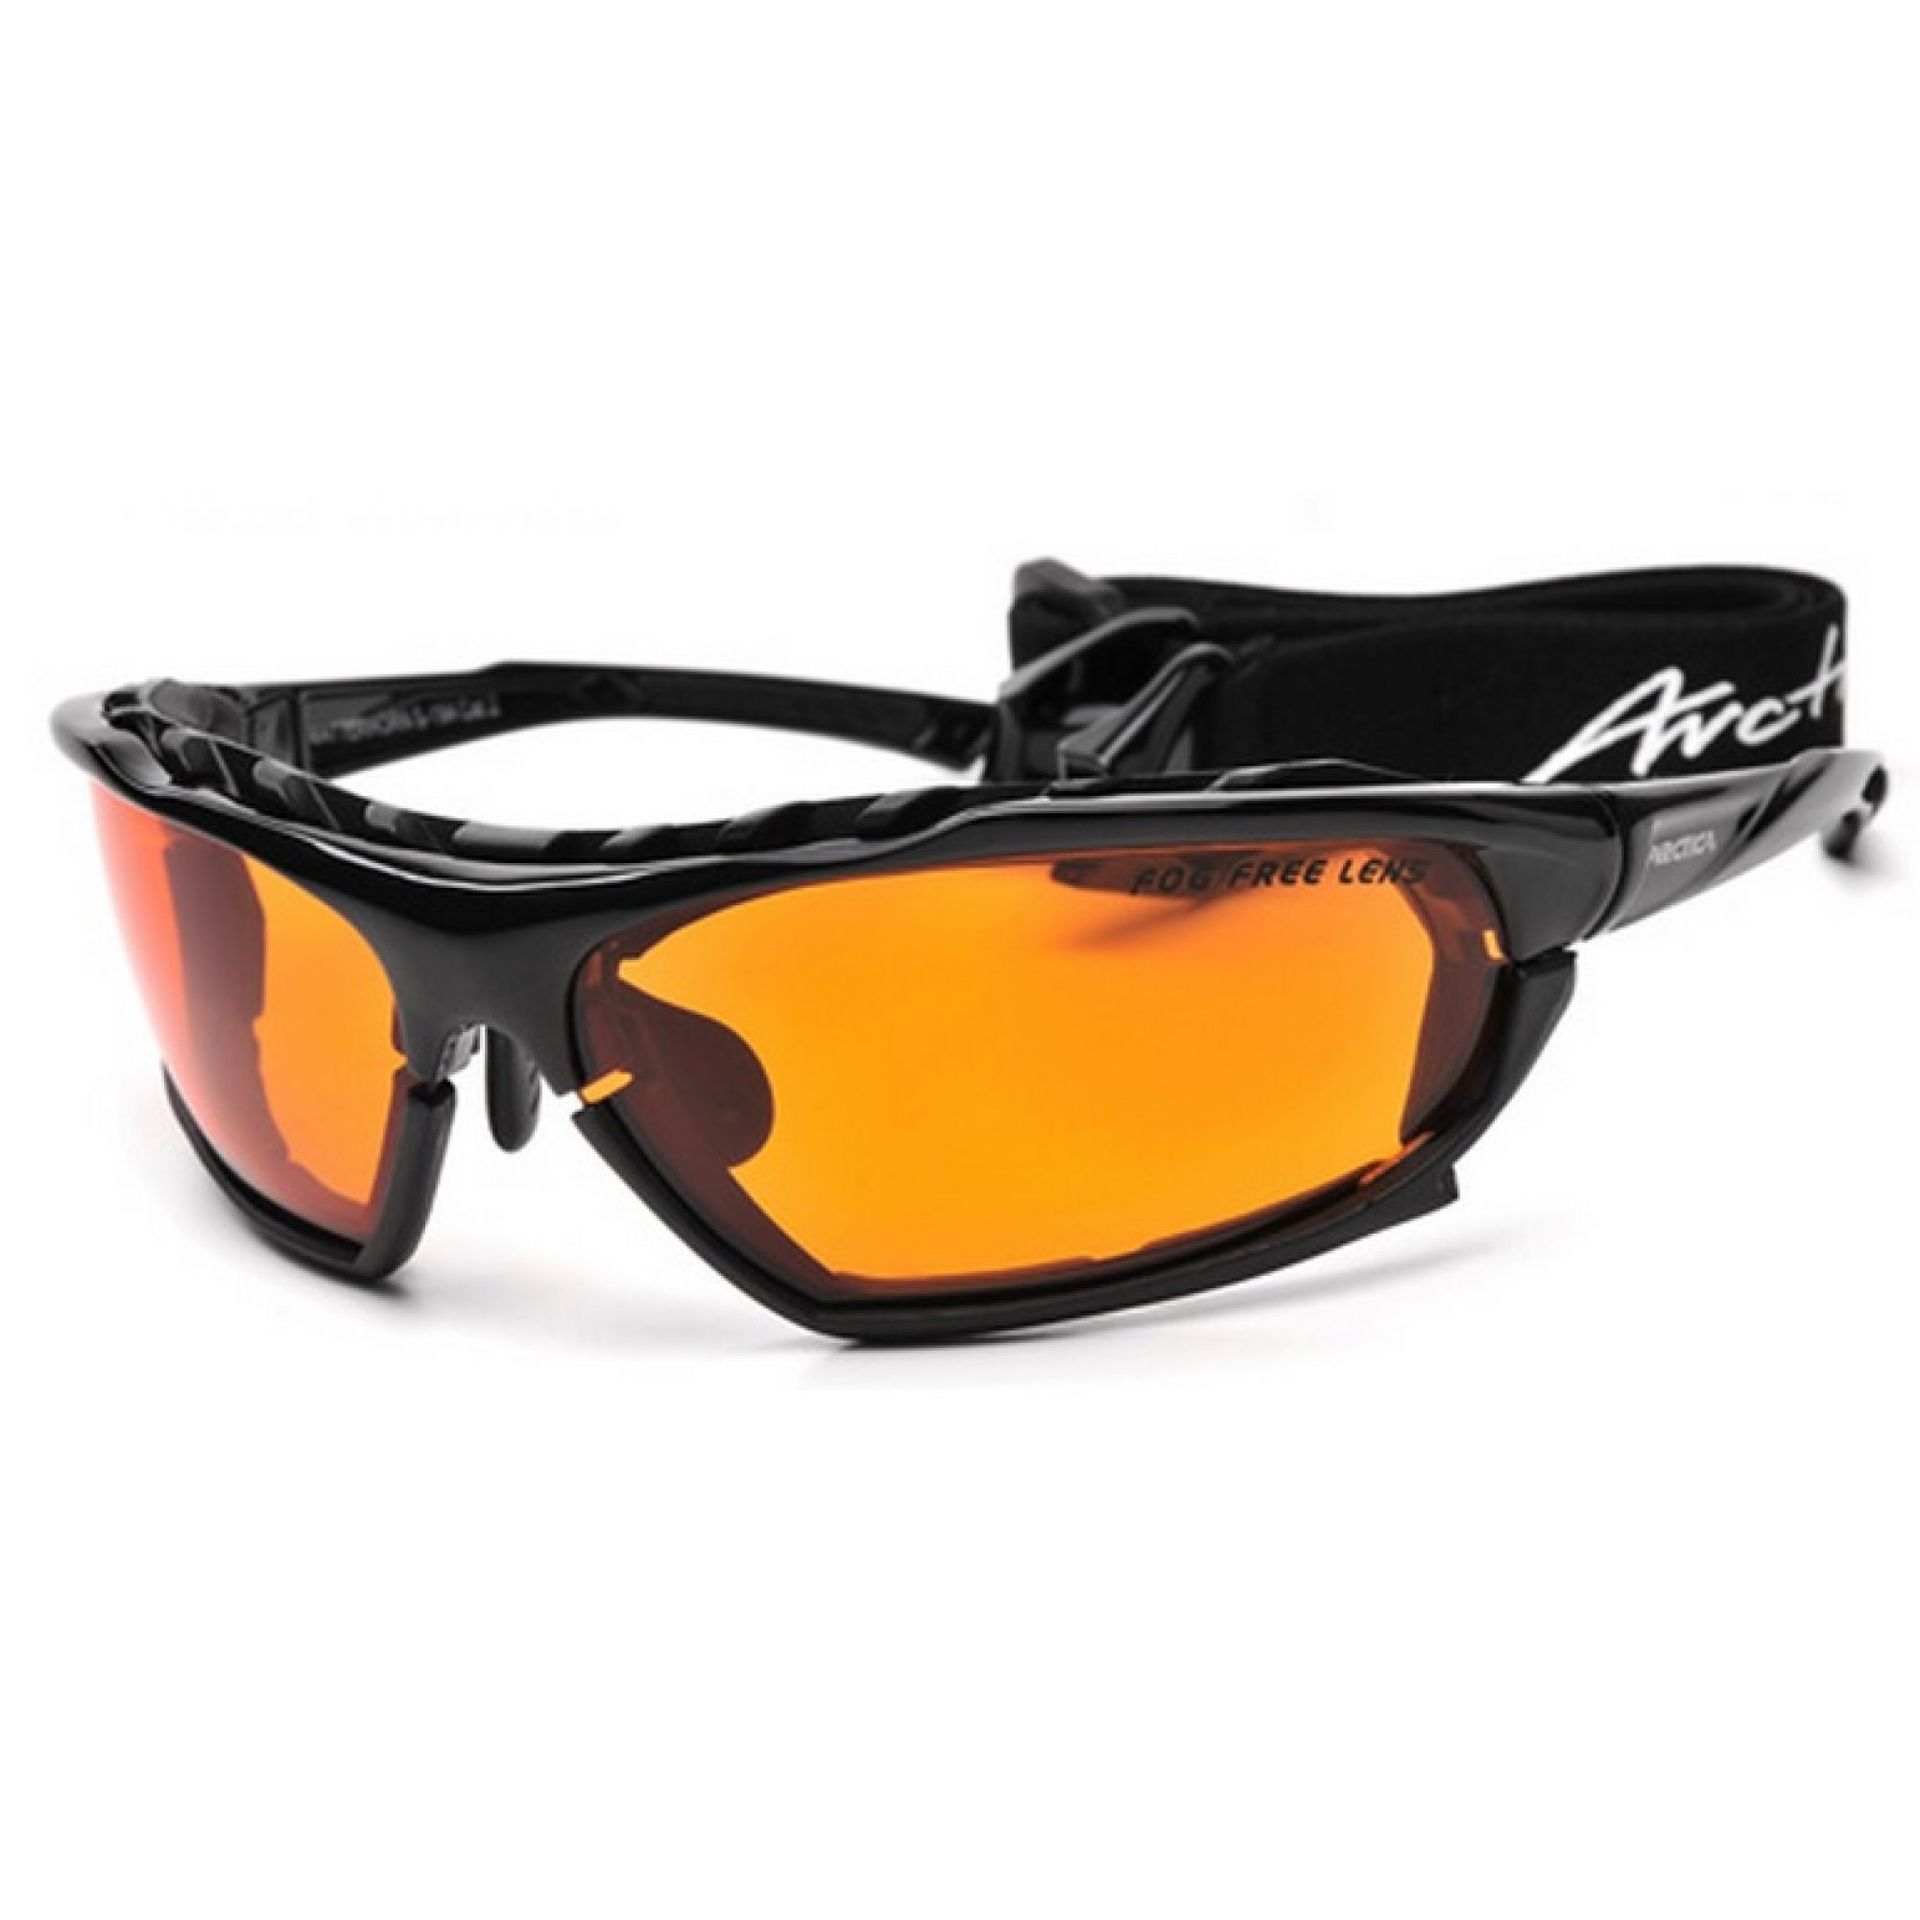 Okulary Arctica S-194 czarno pomarańczowe